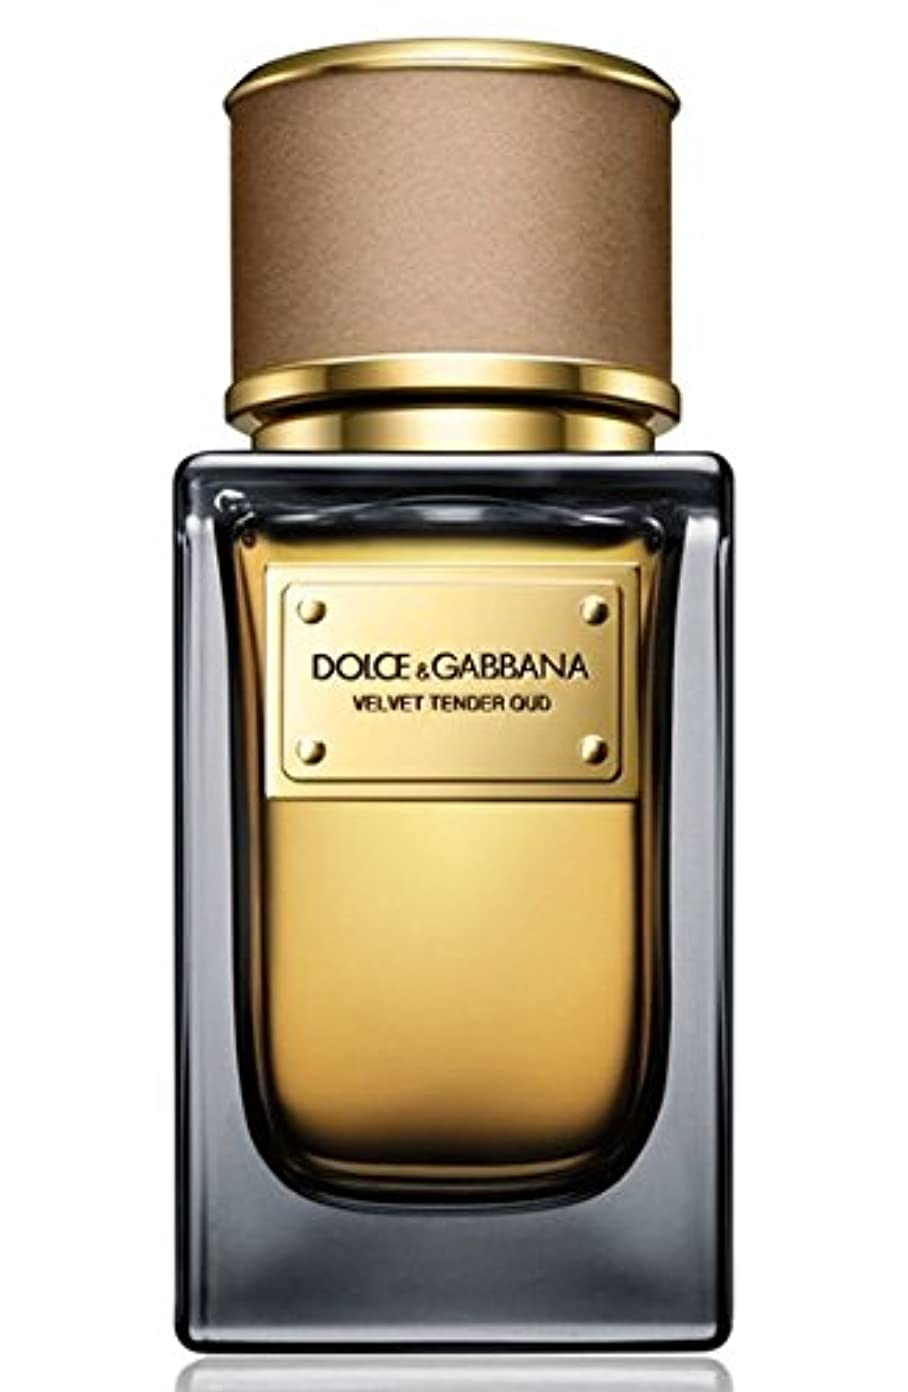 欲しいですすぐに家禽Dolce&Gabbana Velvet Tender Oud (ドルチェ&ガバナ ヴェルベット テンダー ウード) 1.7 oz (50ml) EDT Spray for Men